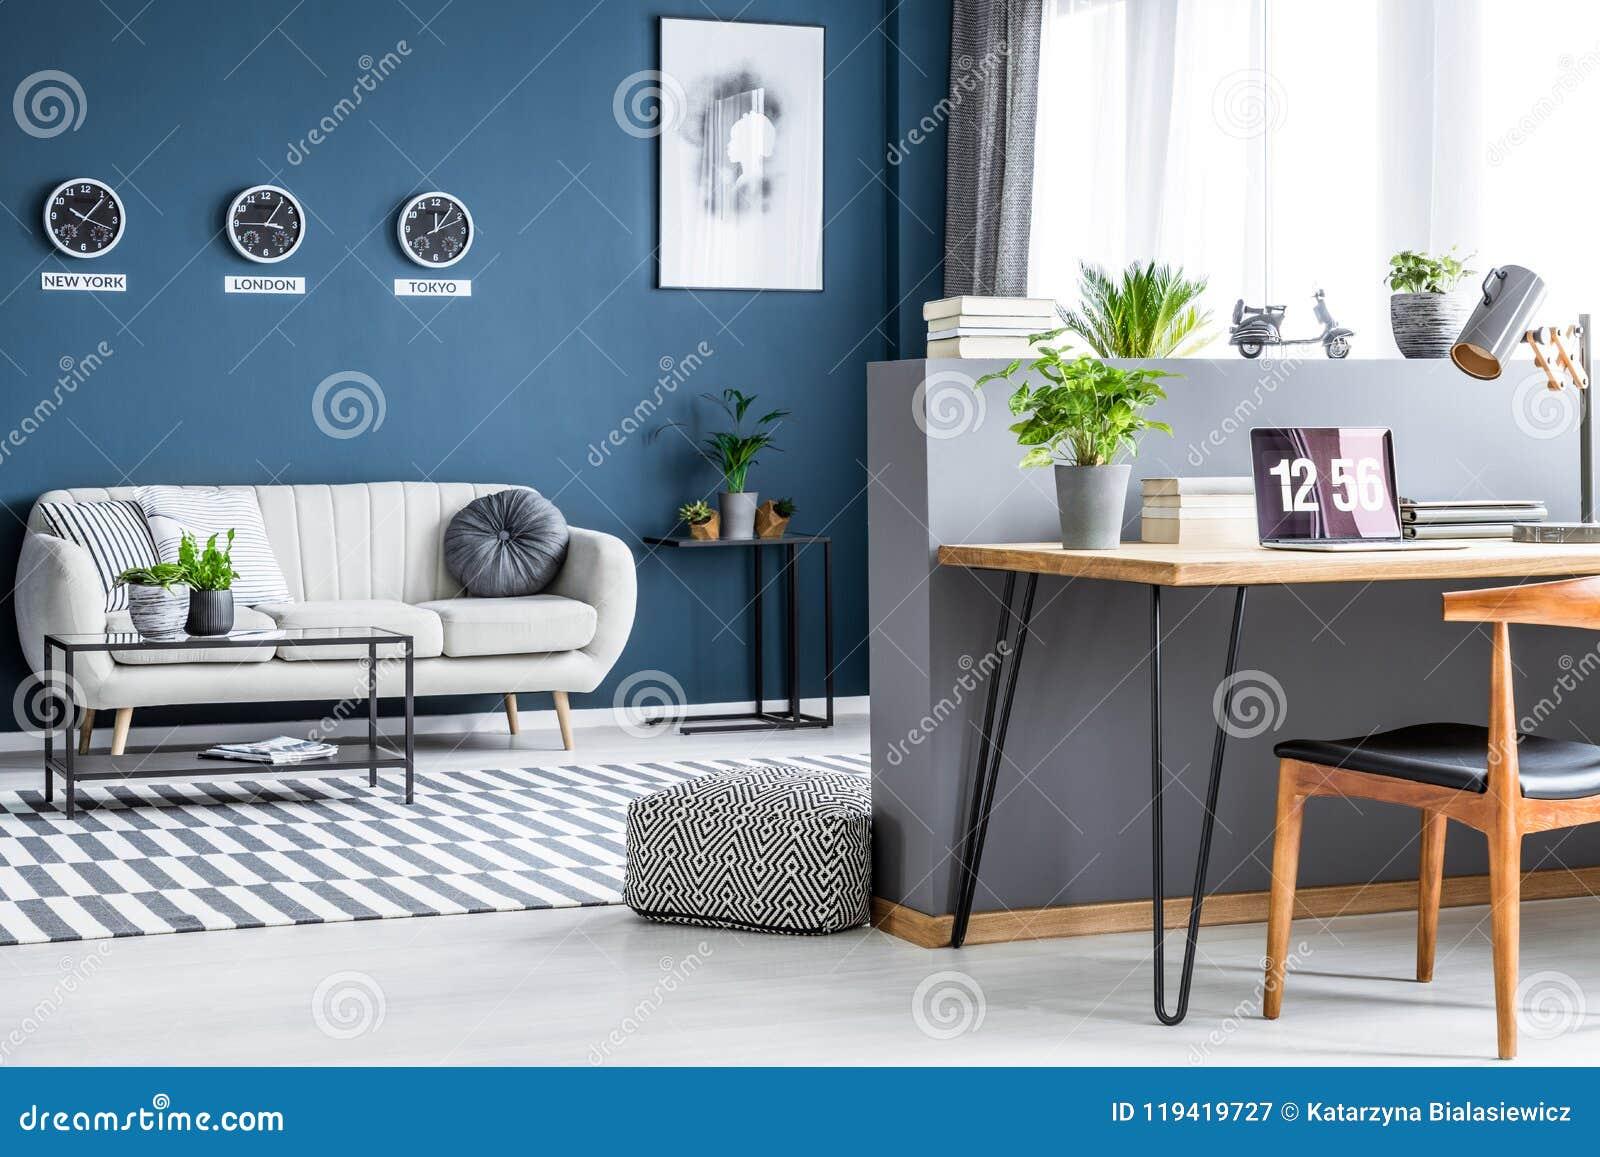 Donkerblauw woonkamerbinnenland met drie klokken, eenvoudige affiche,